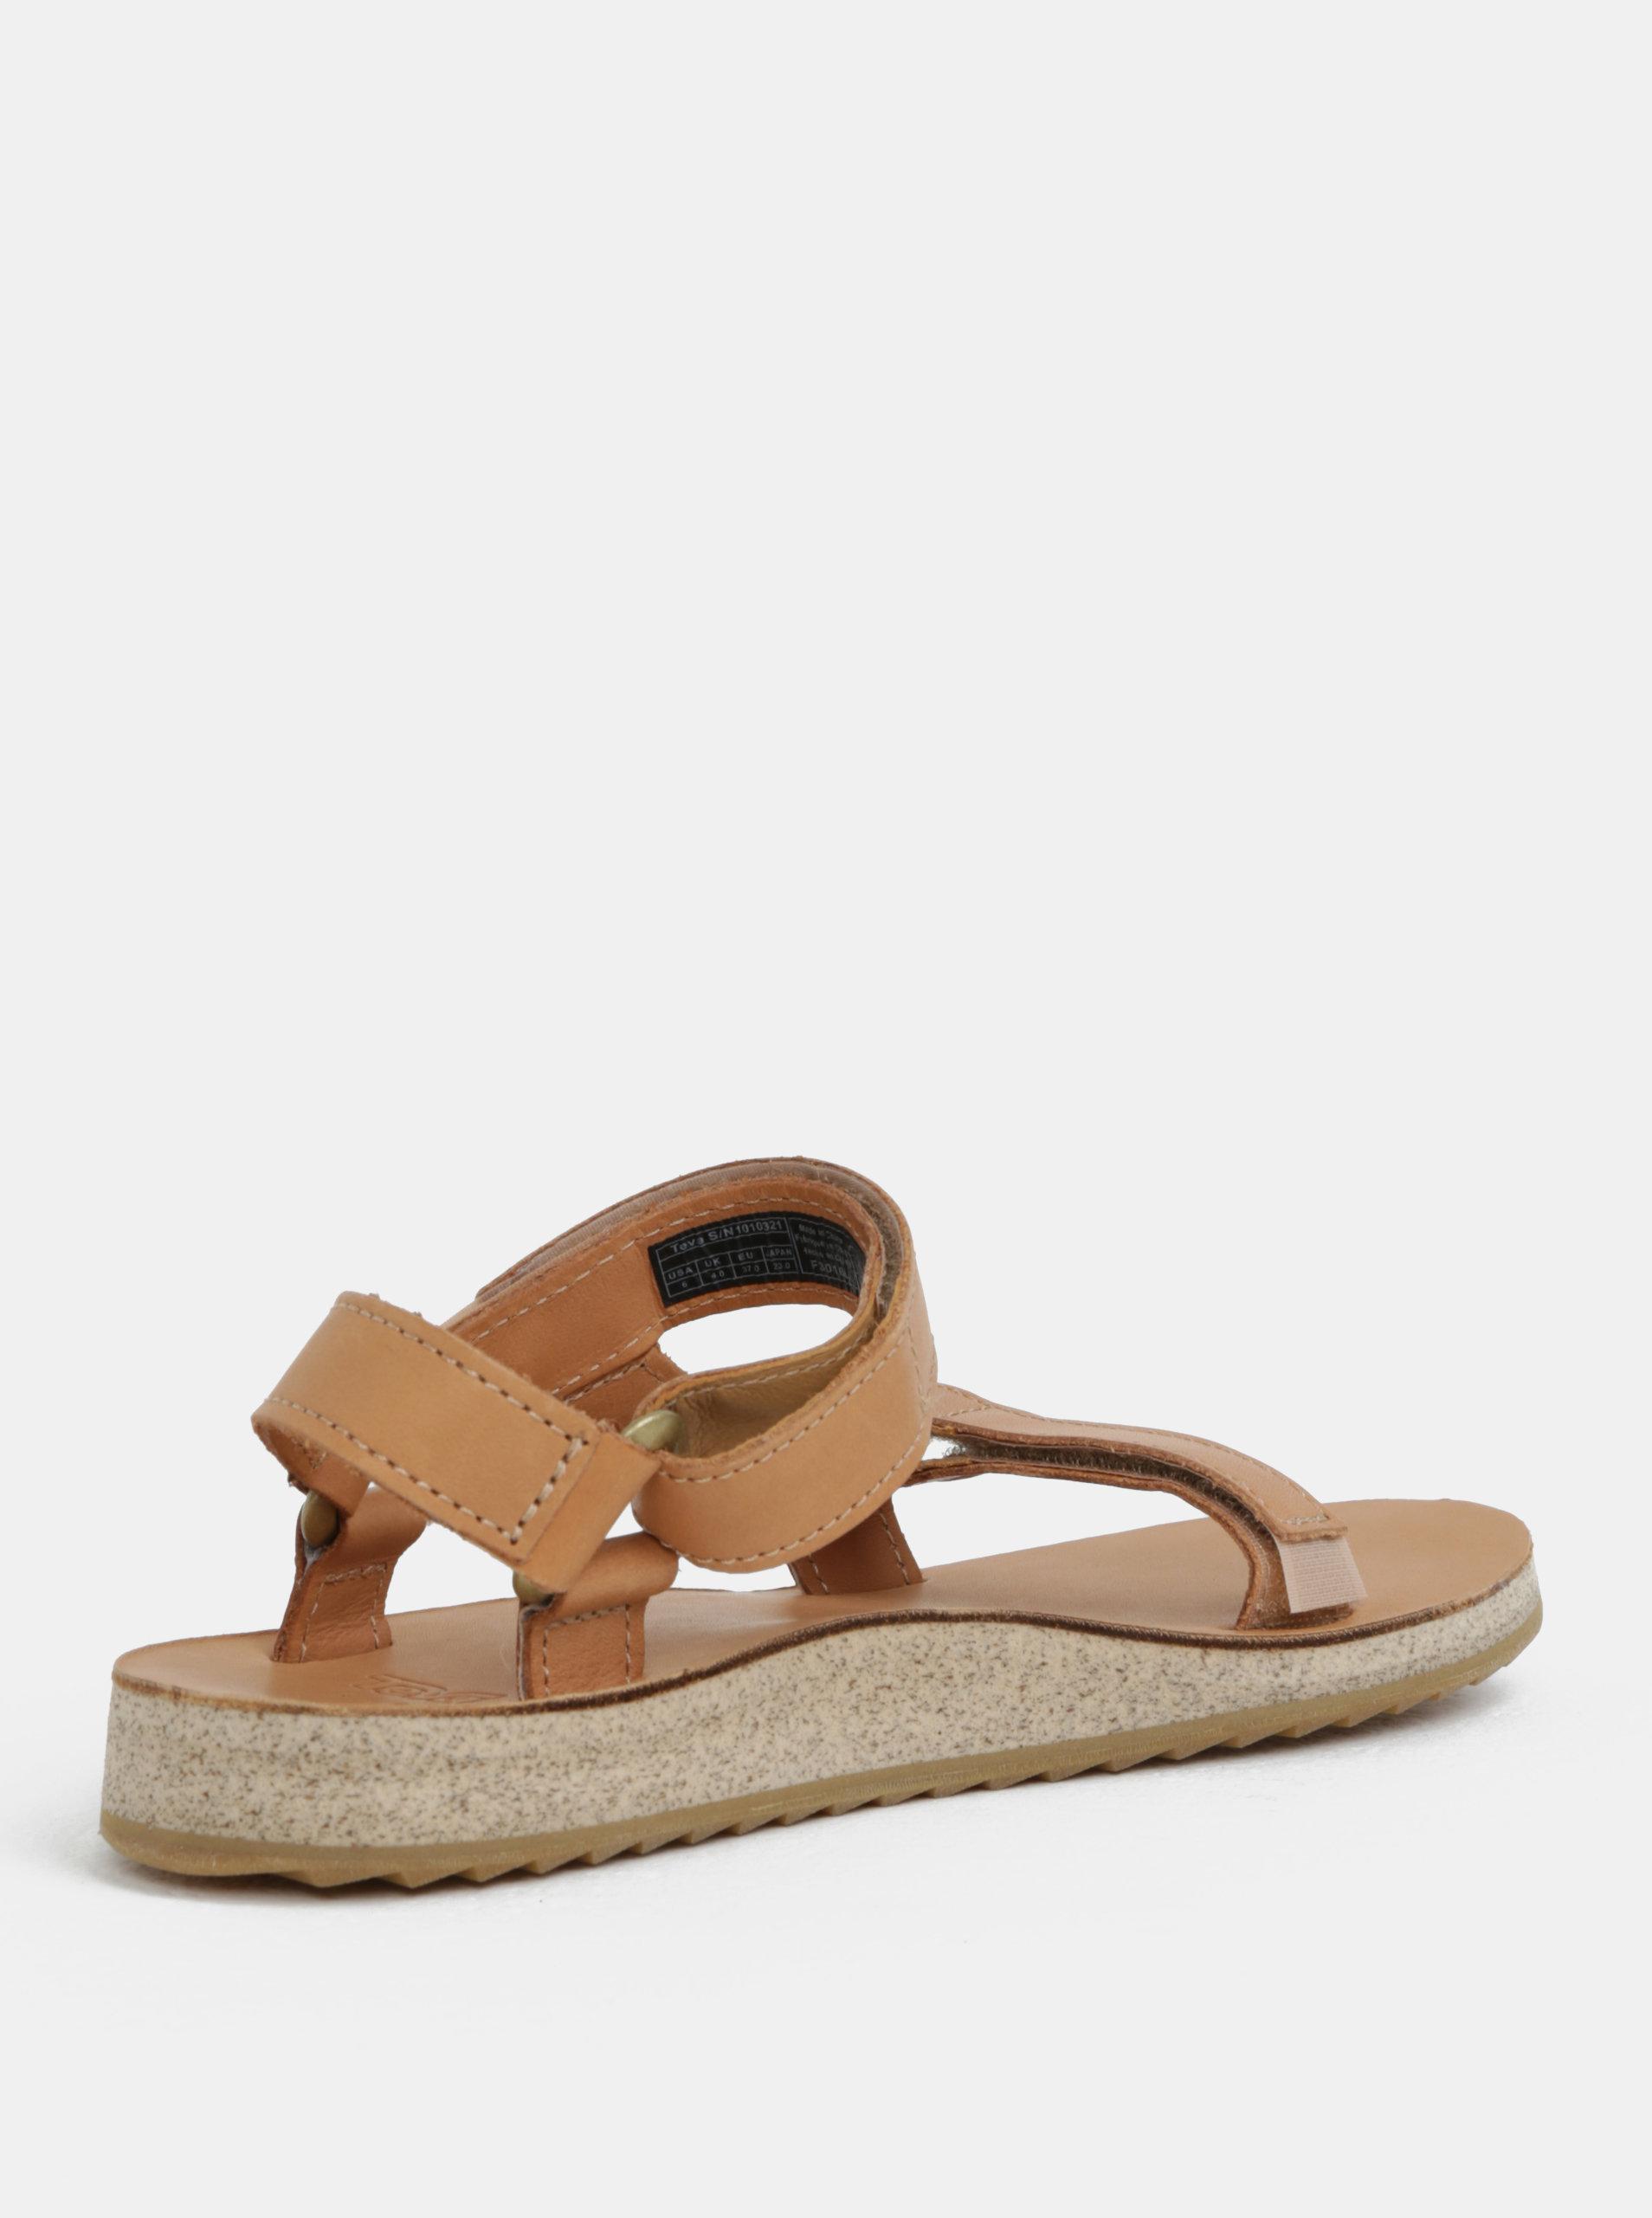 aa39fd1e6f10 Svetlohnedé dámske kožené sandále Teva ...